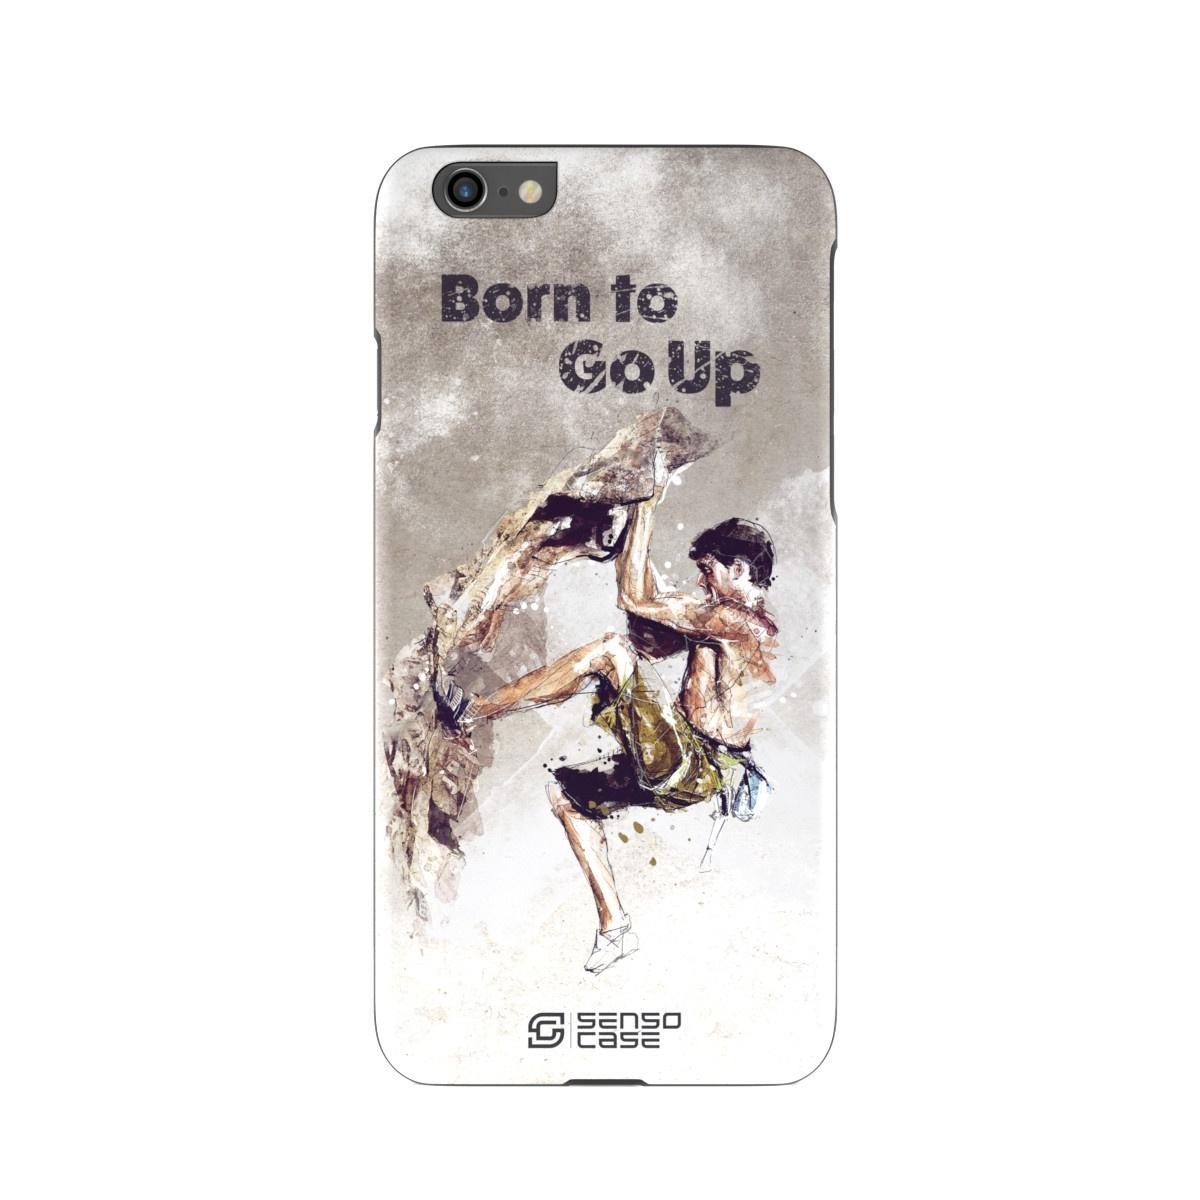 """Чехол для сотового телефона SensoCase iPhone 6/6s """"Скалолазание"""", SC-IP6-rock-climbing + защитное стекло в подарок, 100111"""